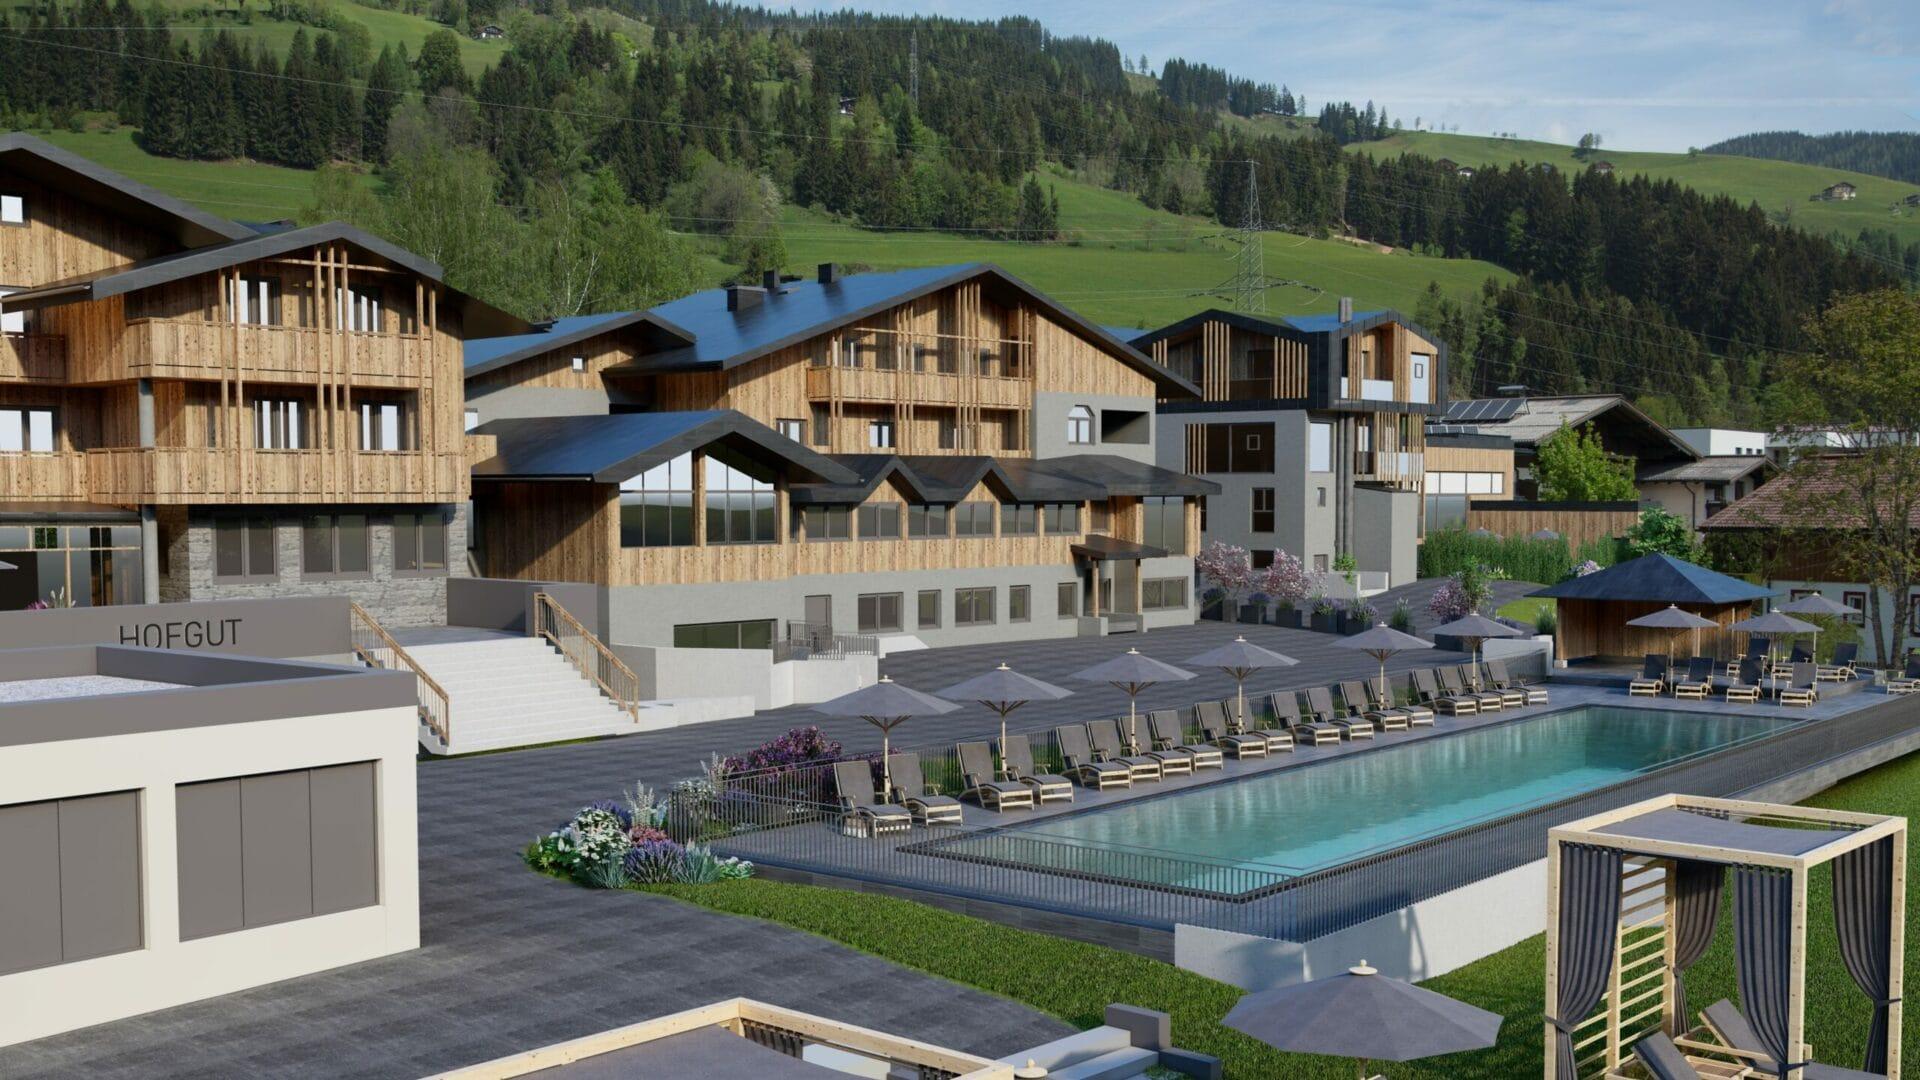 04.Hofgut-apartment-lifestyle-resort-wagrain-in-und-outdoorpools-sportbecken-blick-resort klein